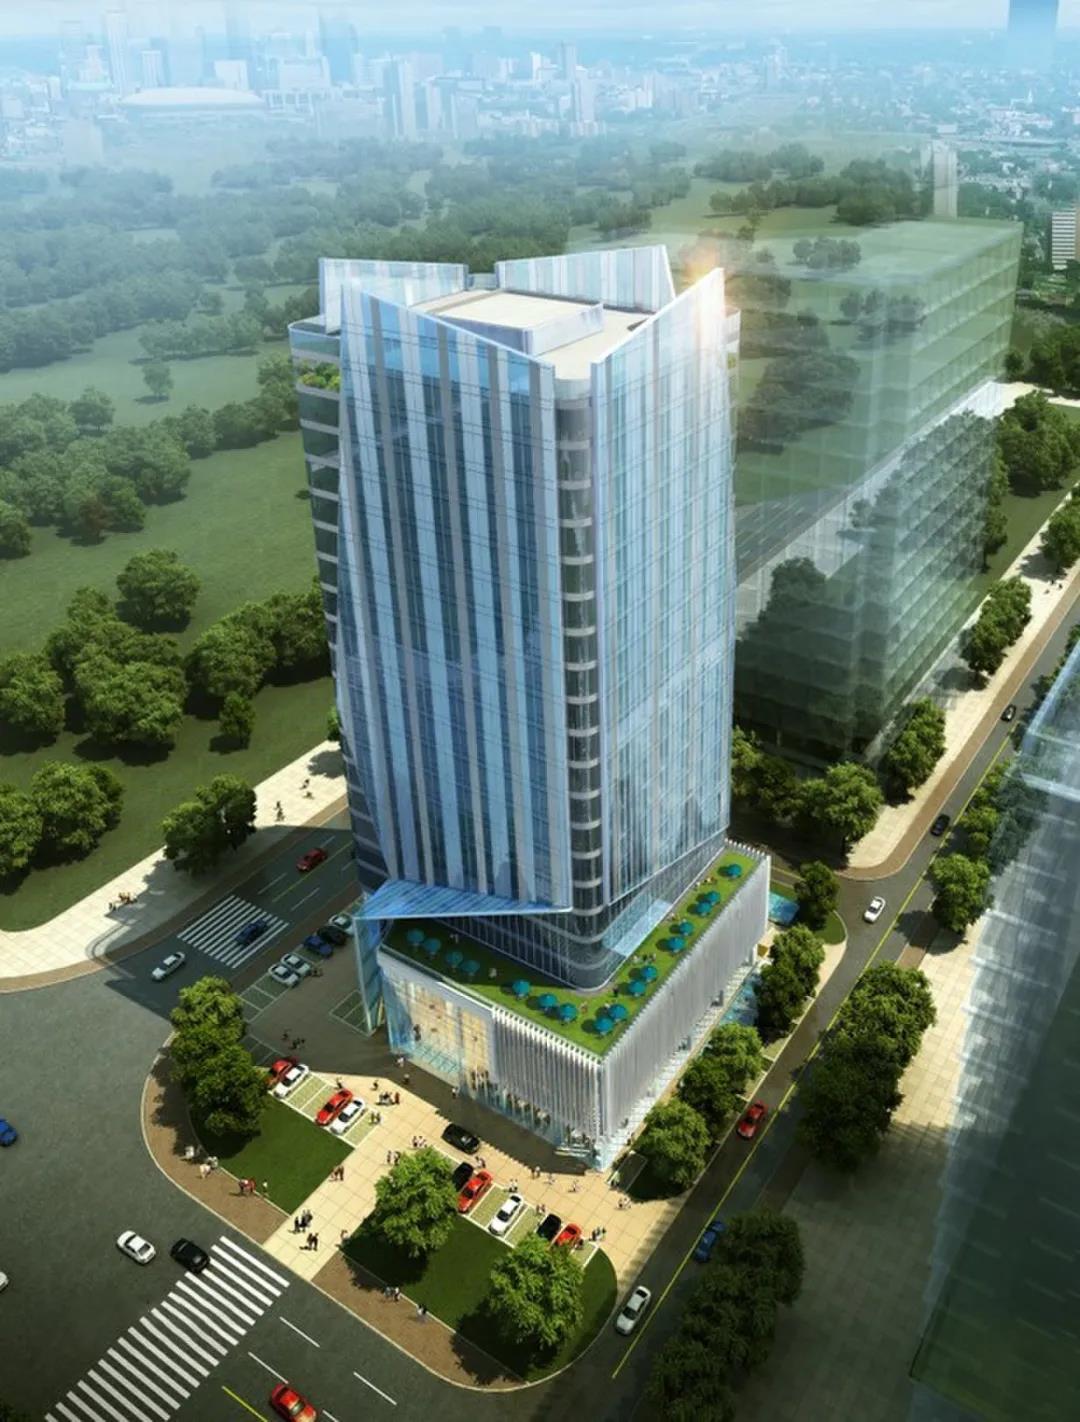 新创空间·上海禹洲广场|聚焦金融产业,打造特色发展空间